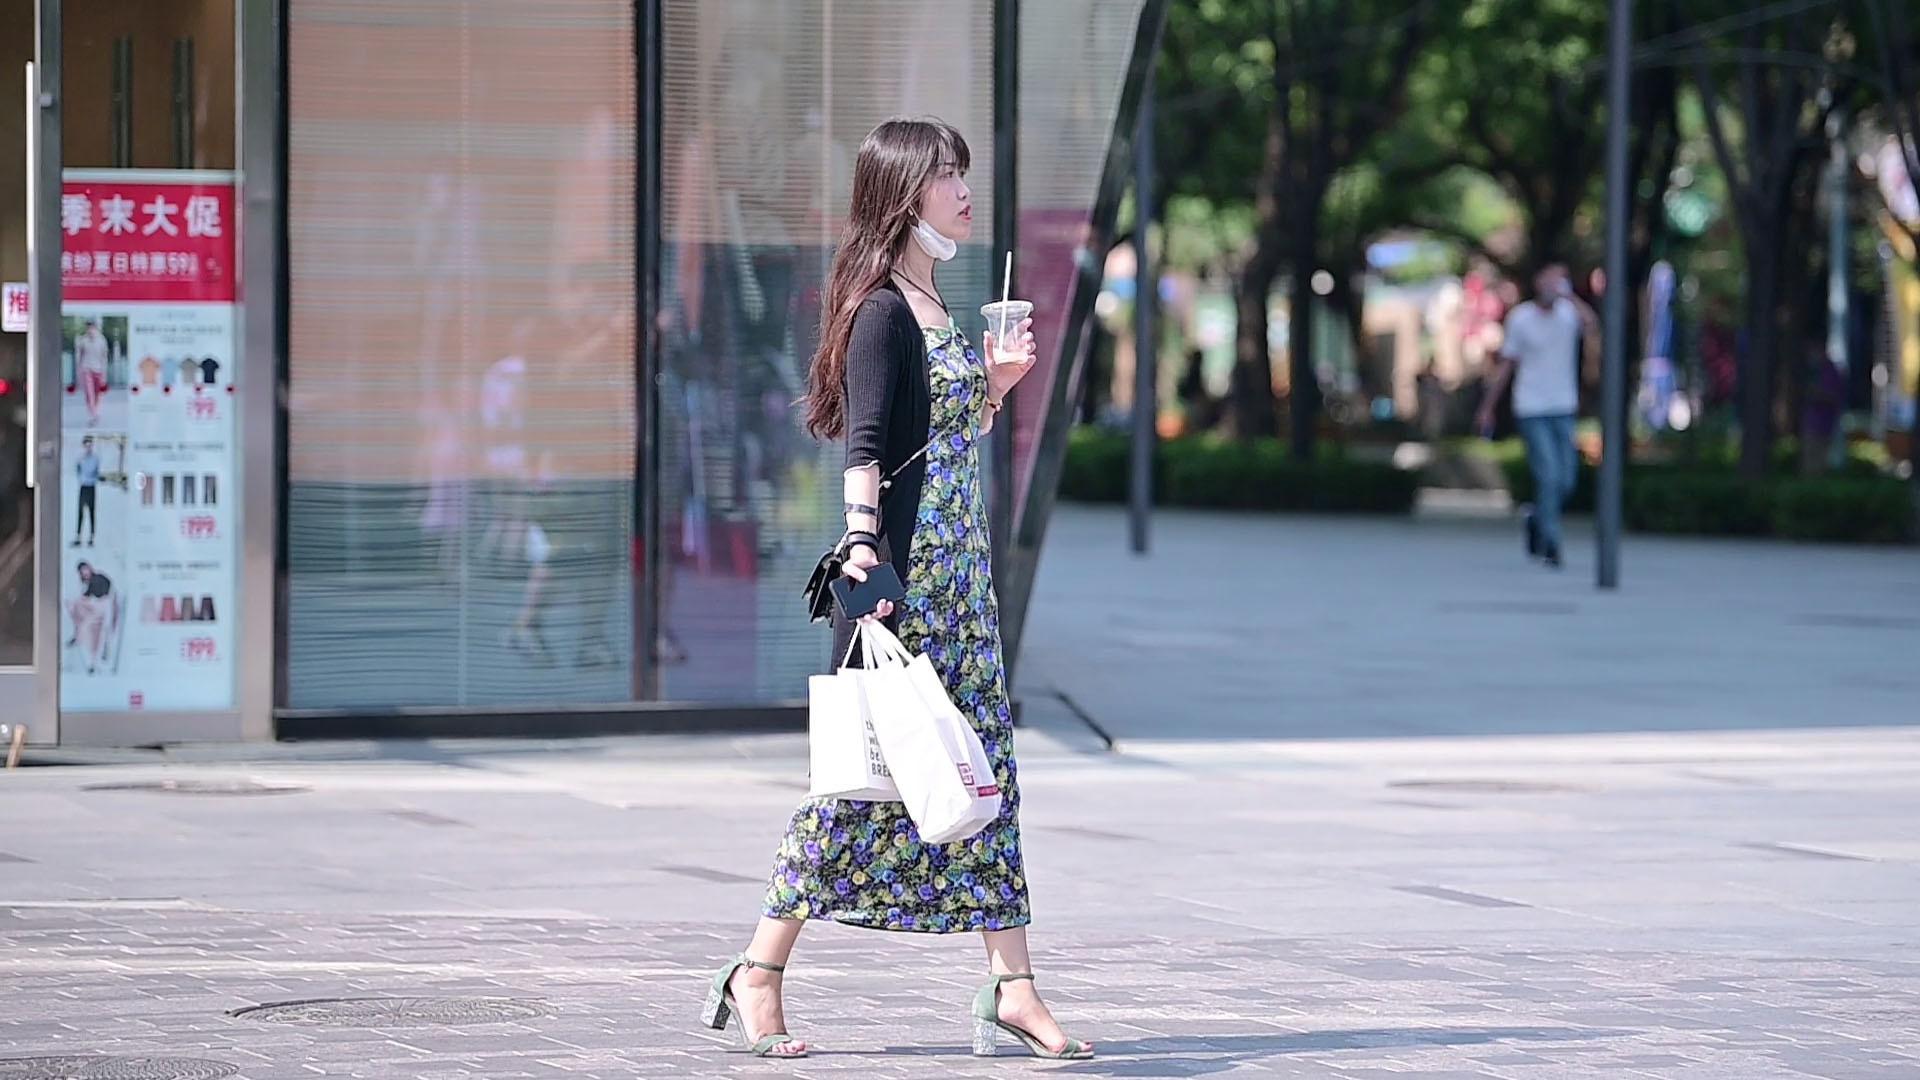 精致的姑娘,夏季逛街也要选择高跟鞋,粗跟好看还是细跟精致?